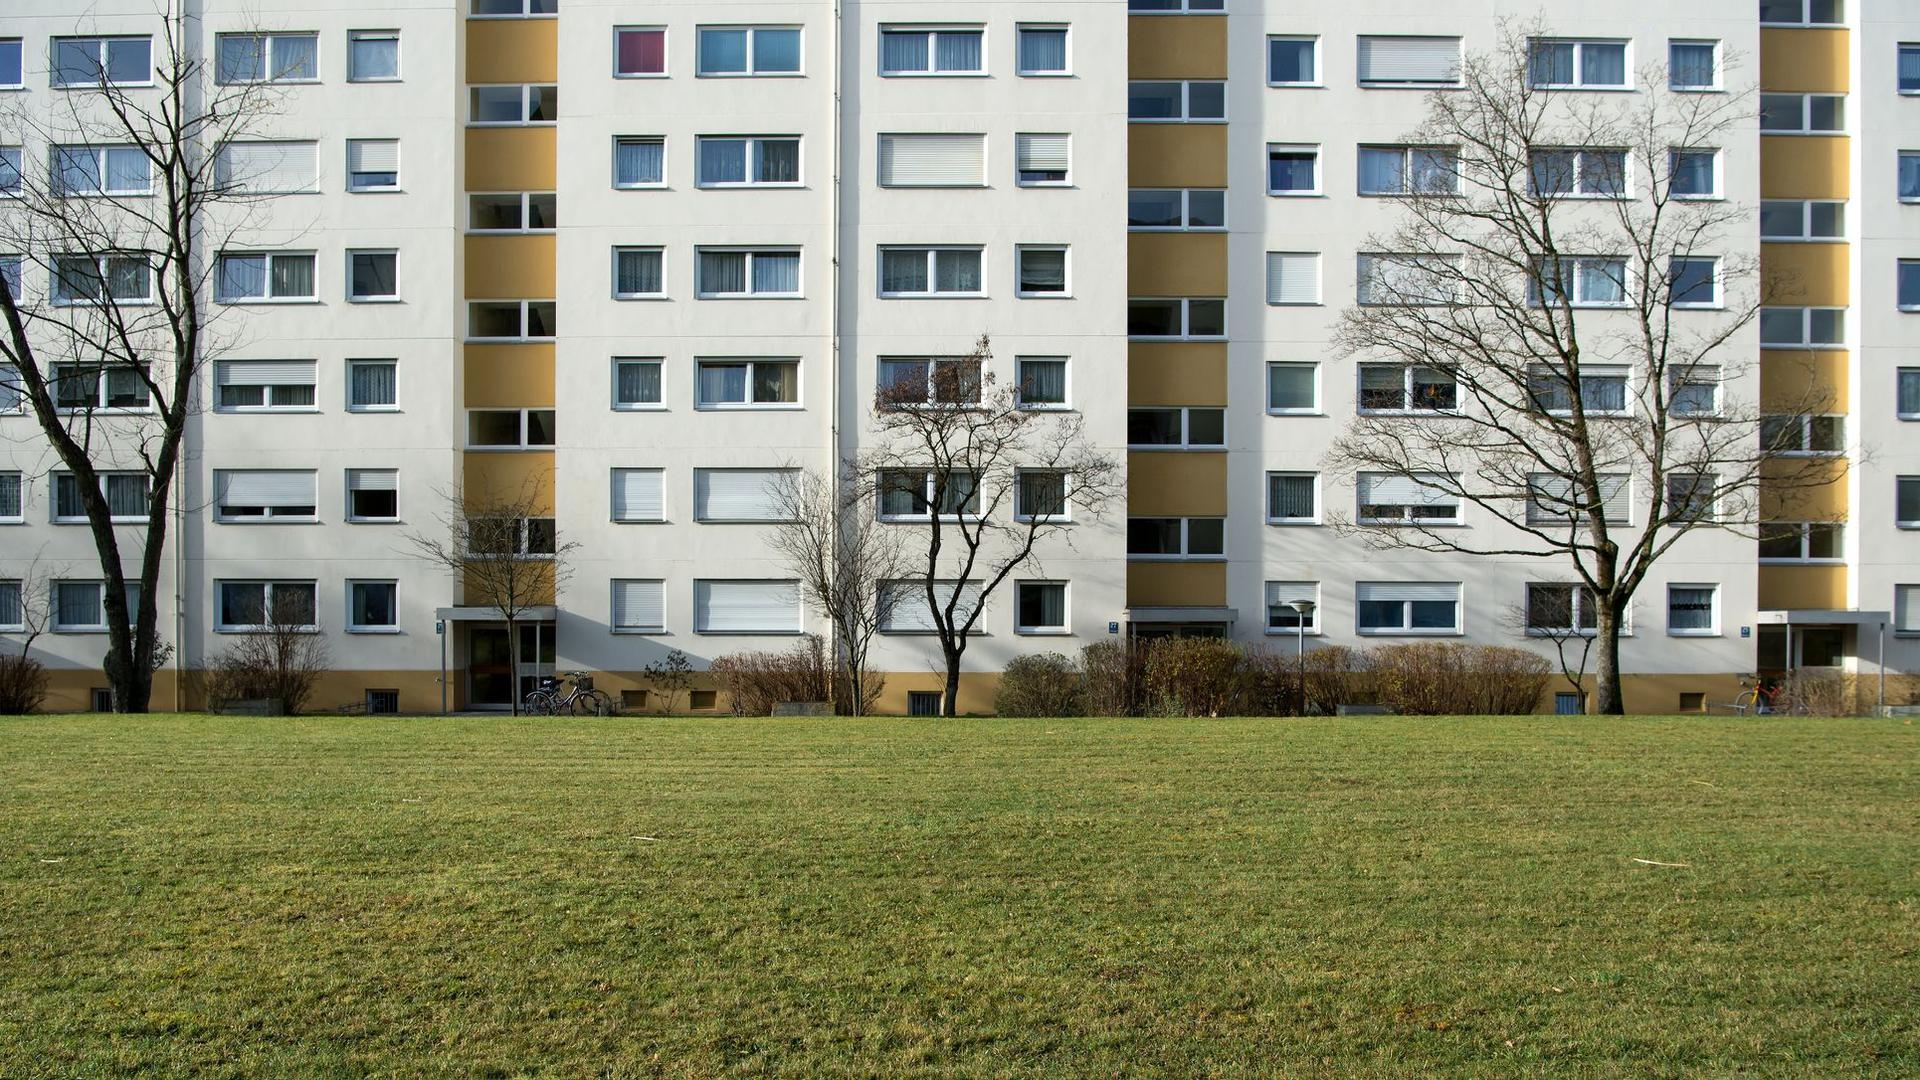 Die Zahl der Sozialwohnungen schrumpft bislang unaufhaltsam. 1990 gab es in Deutschland noch etwa 3 Millionen Sozialwohnungen, Ende 2020 nur noch 1,1 Millionen.